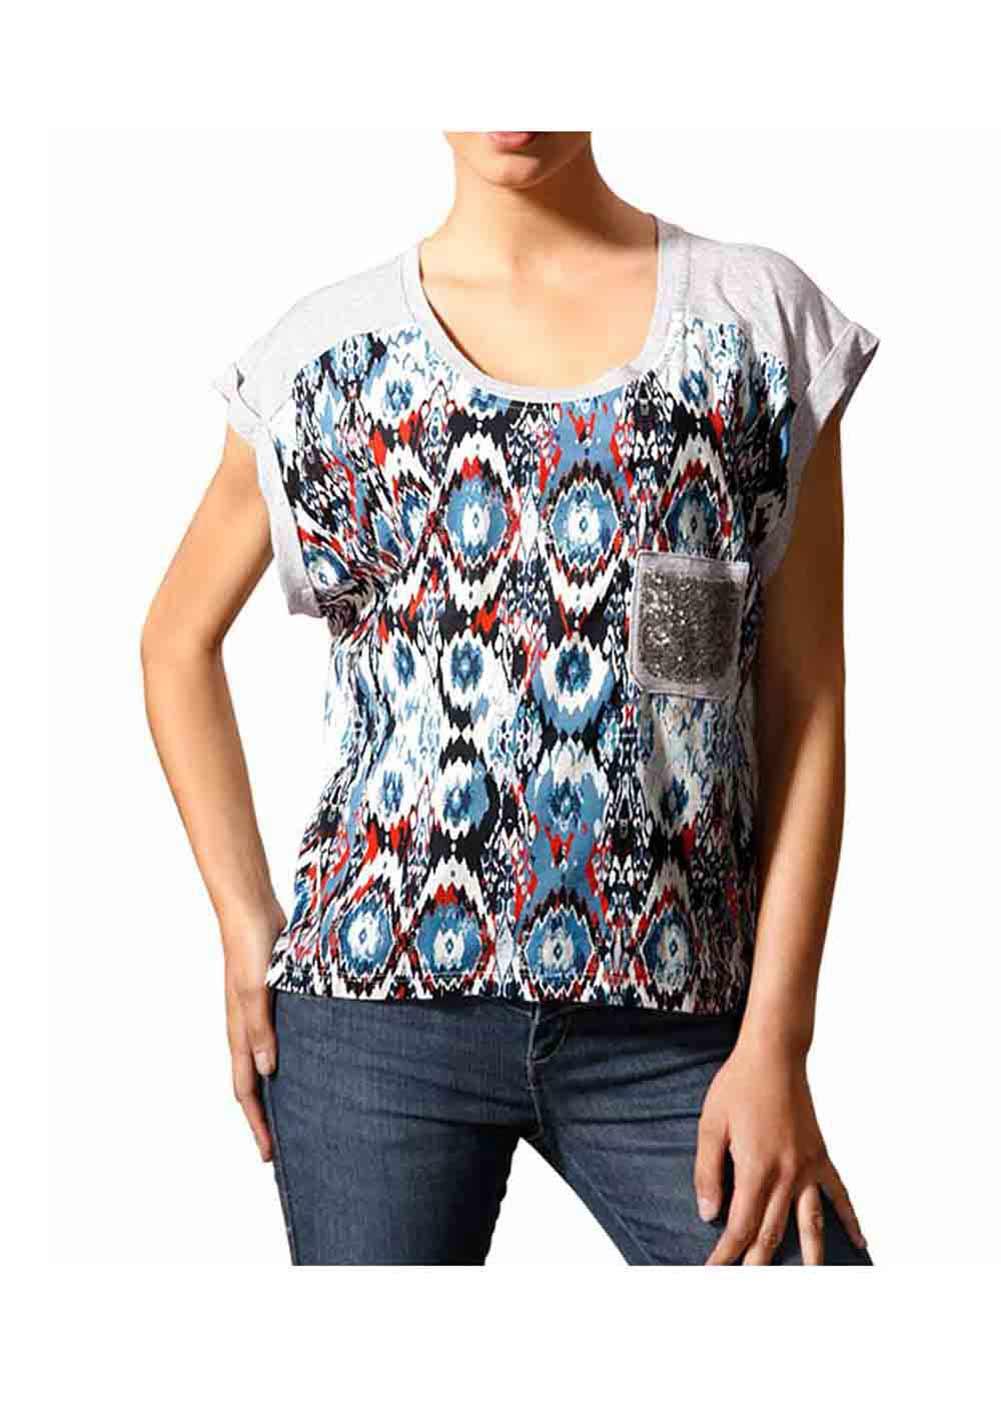 016.508 MANDARIN Damen-Shirt m. Pailletten Hellgrau-Bunt